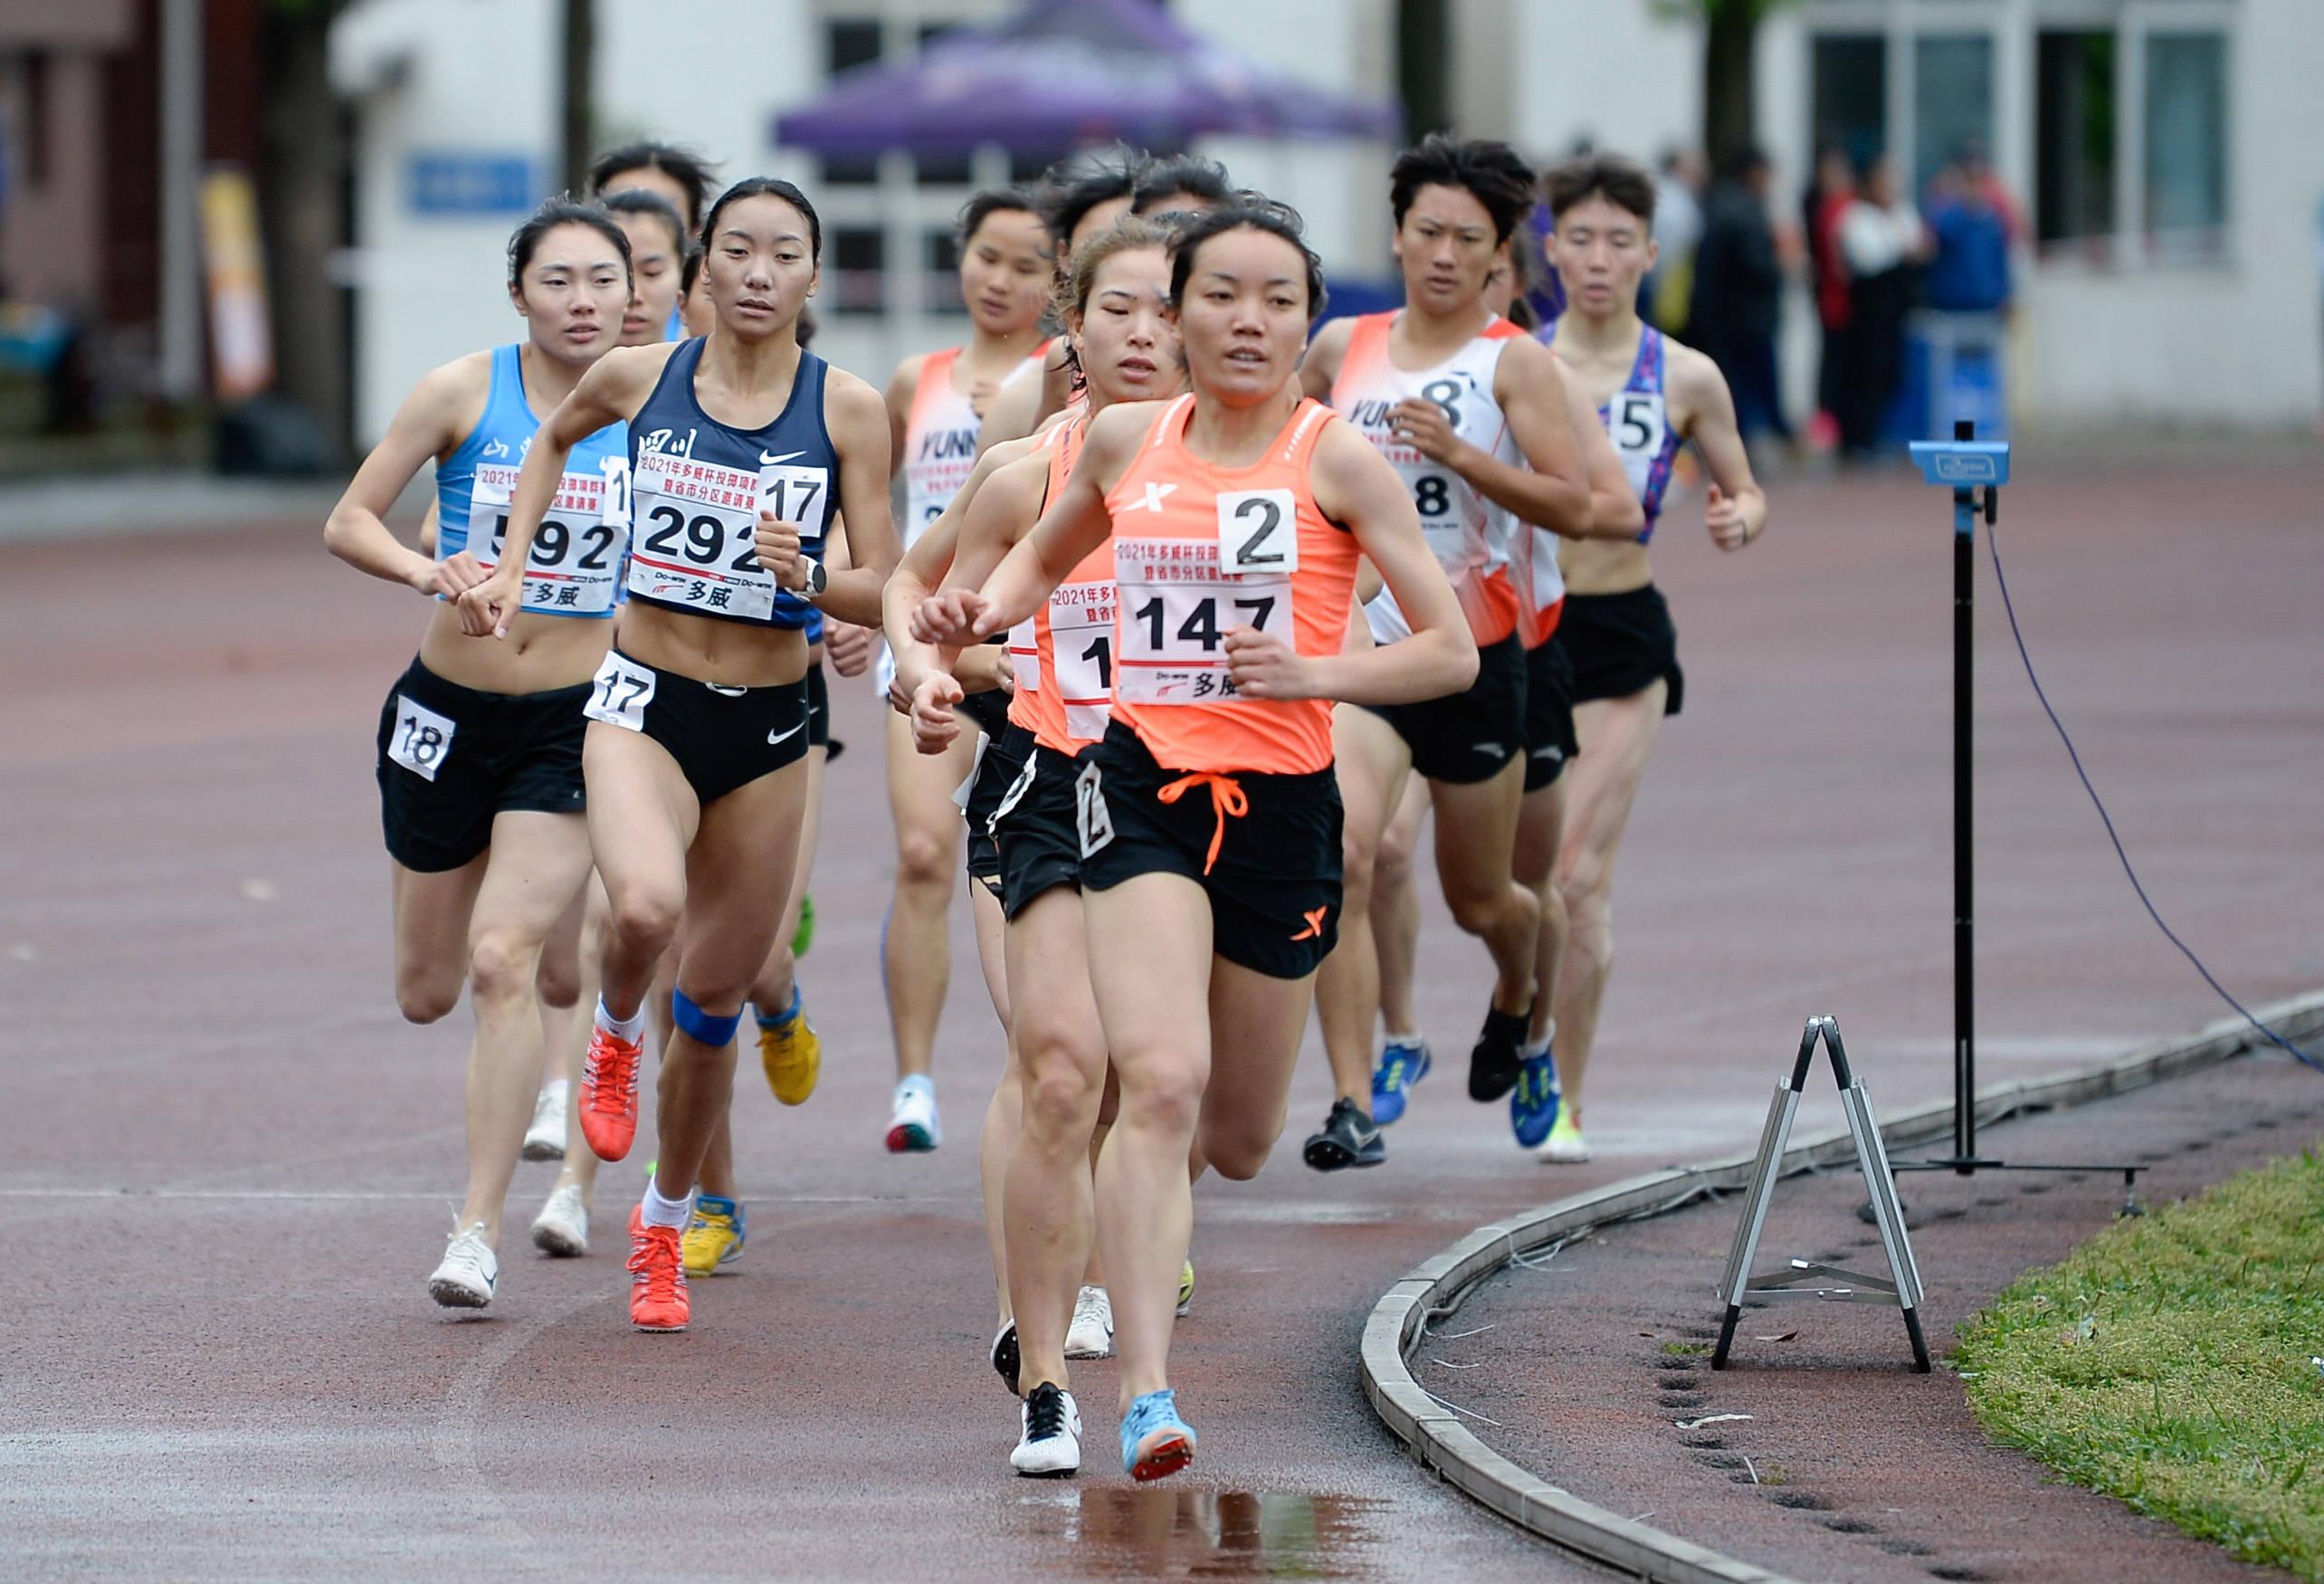 田径——2021年投掷项群赛女子1500米决赛:胡志英夺冠